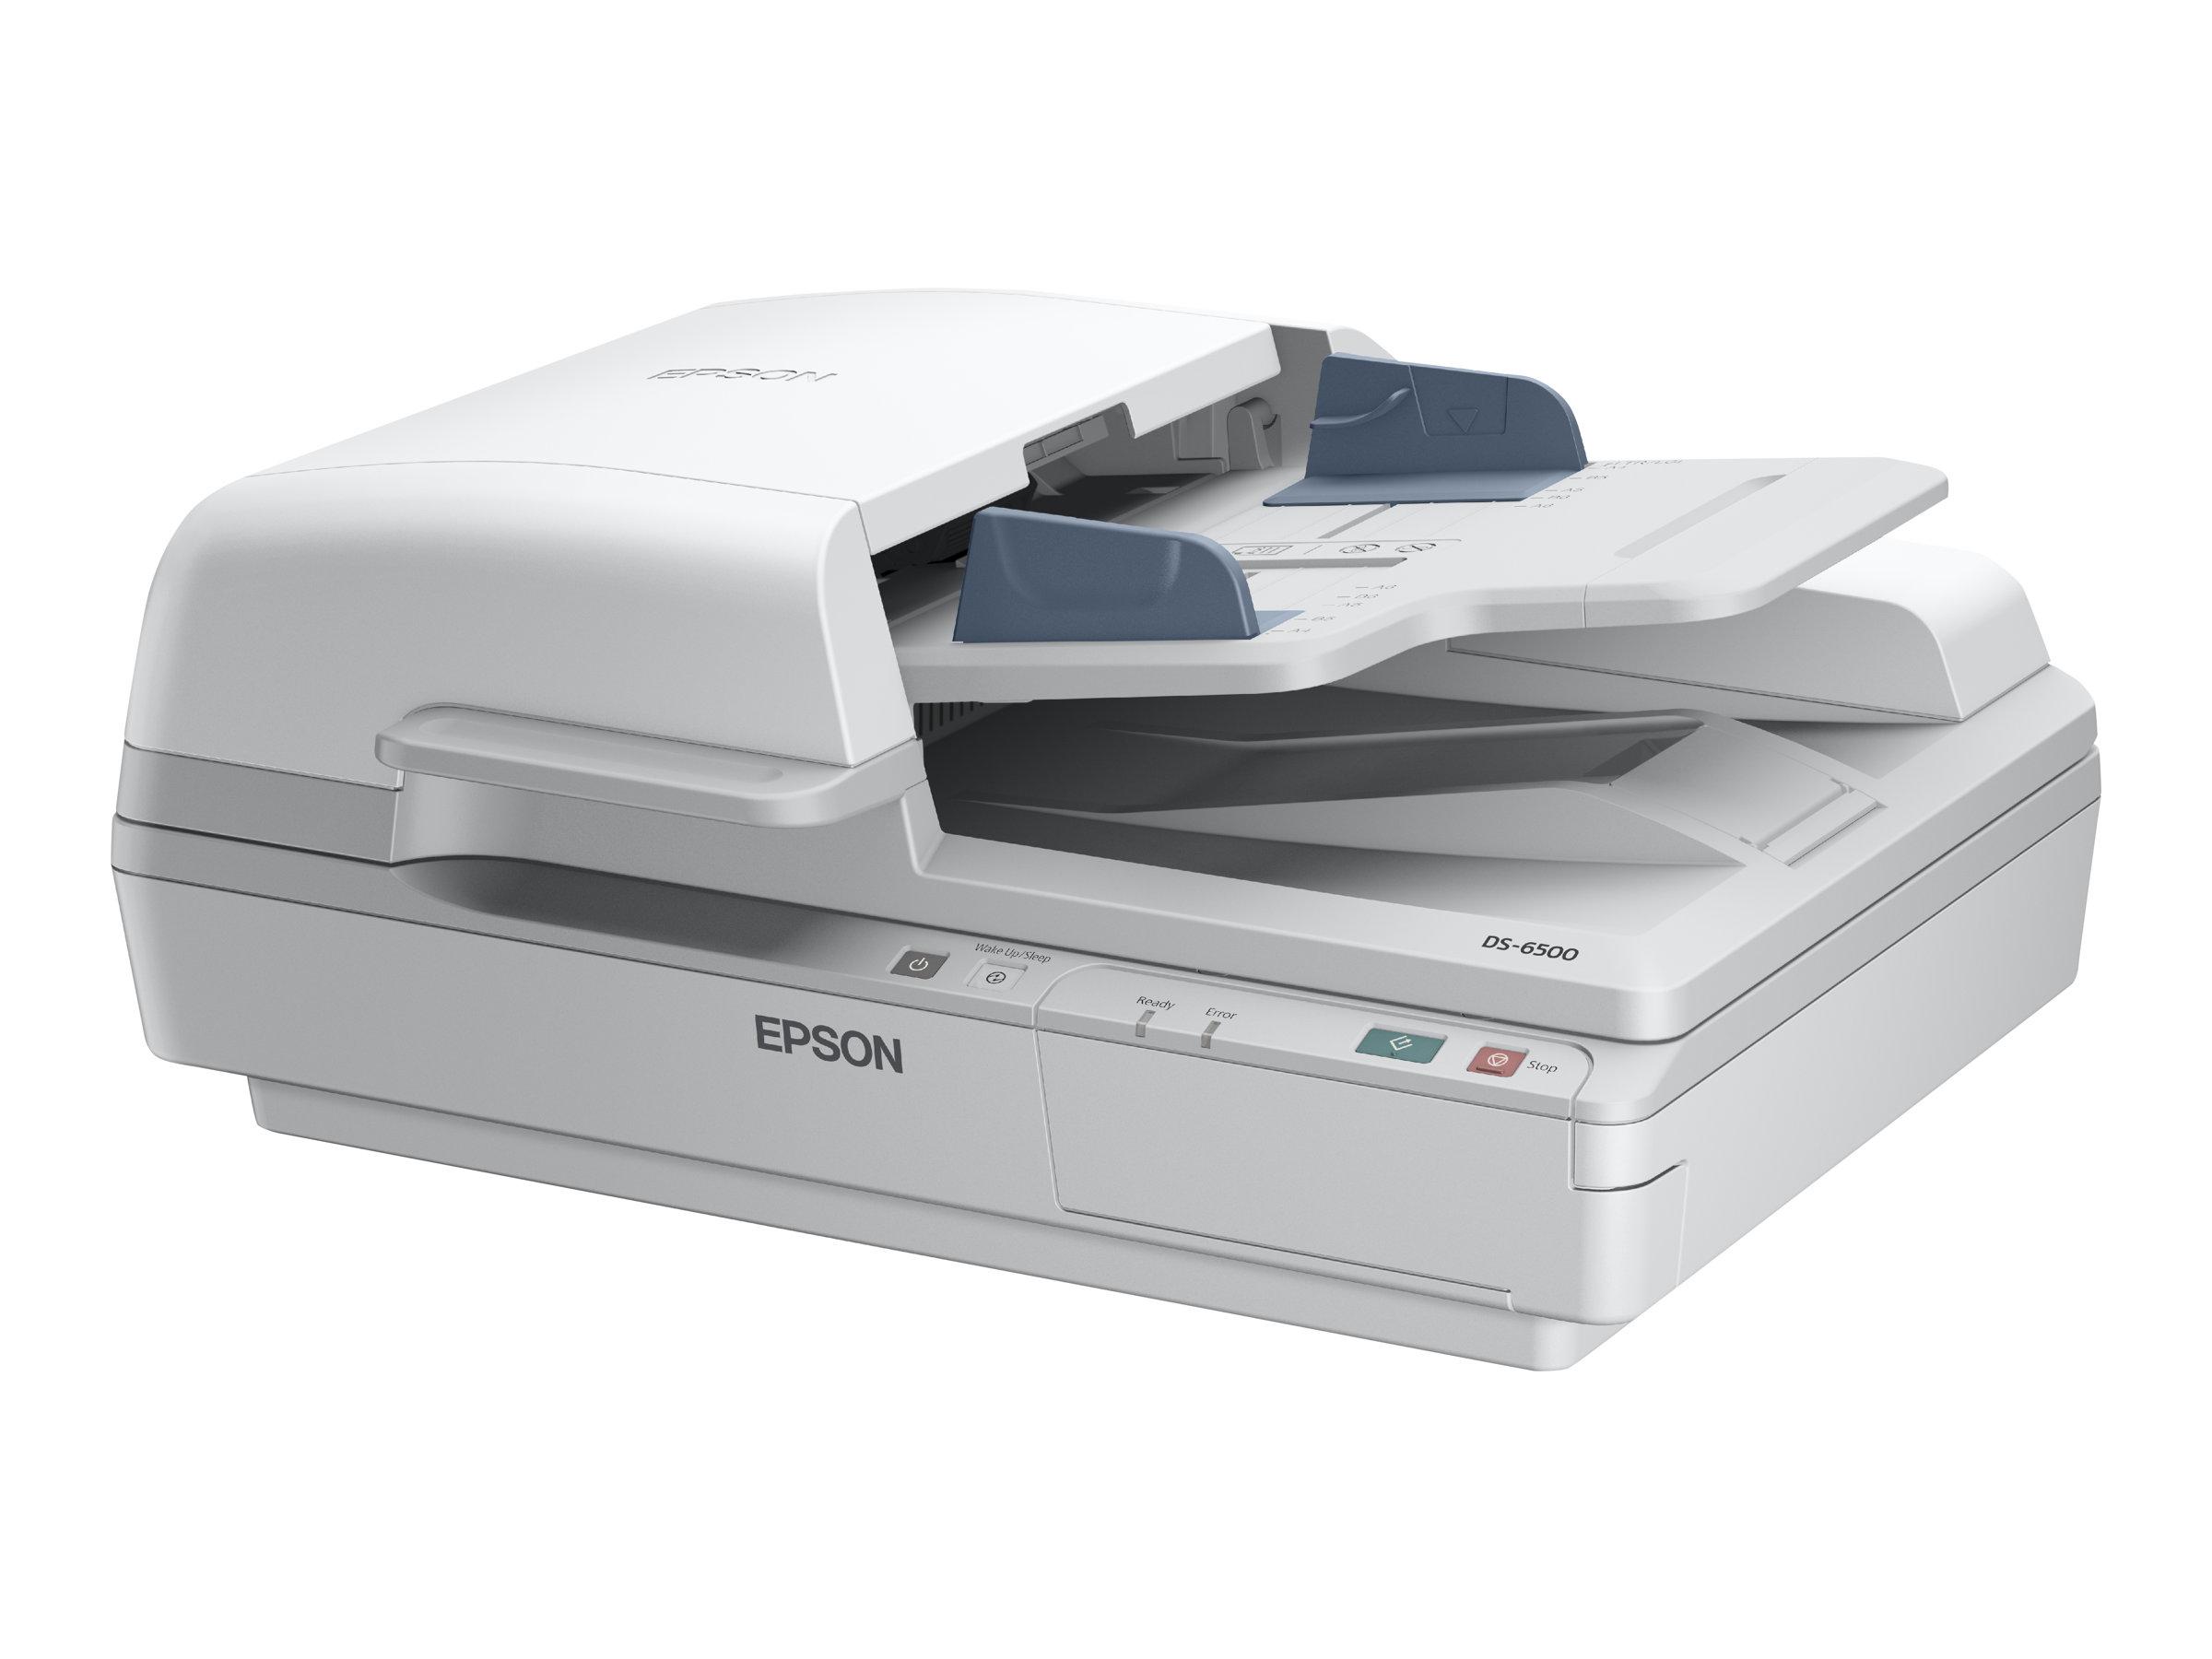 Epson WorkForce DS-7500 - Dokumentenscanner